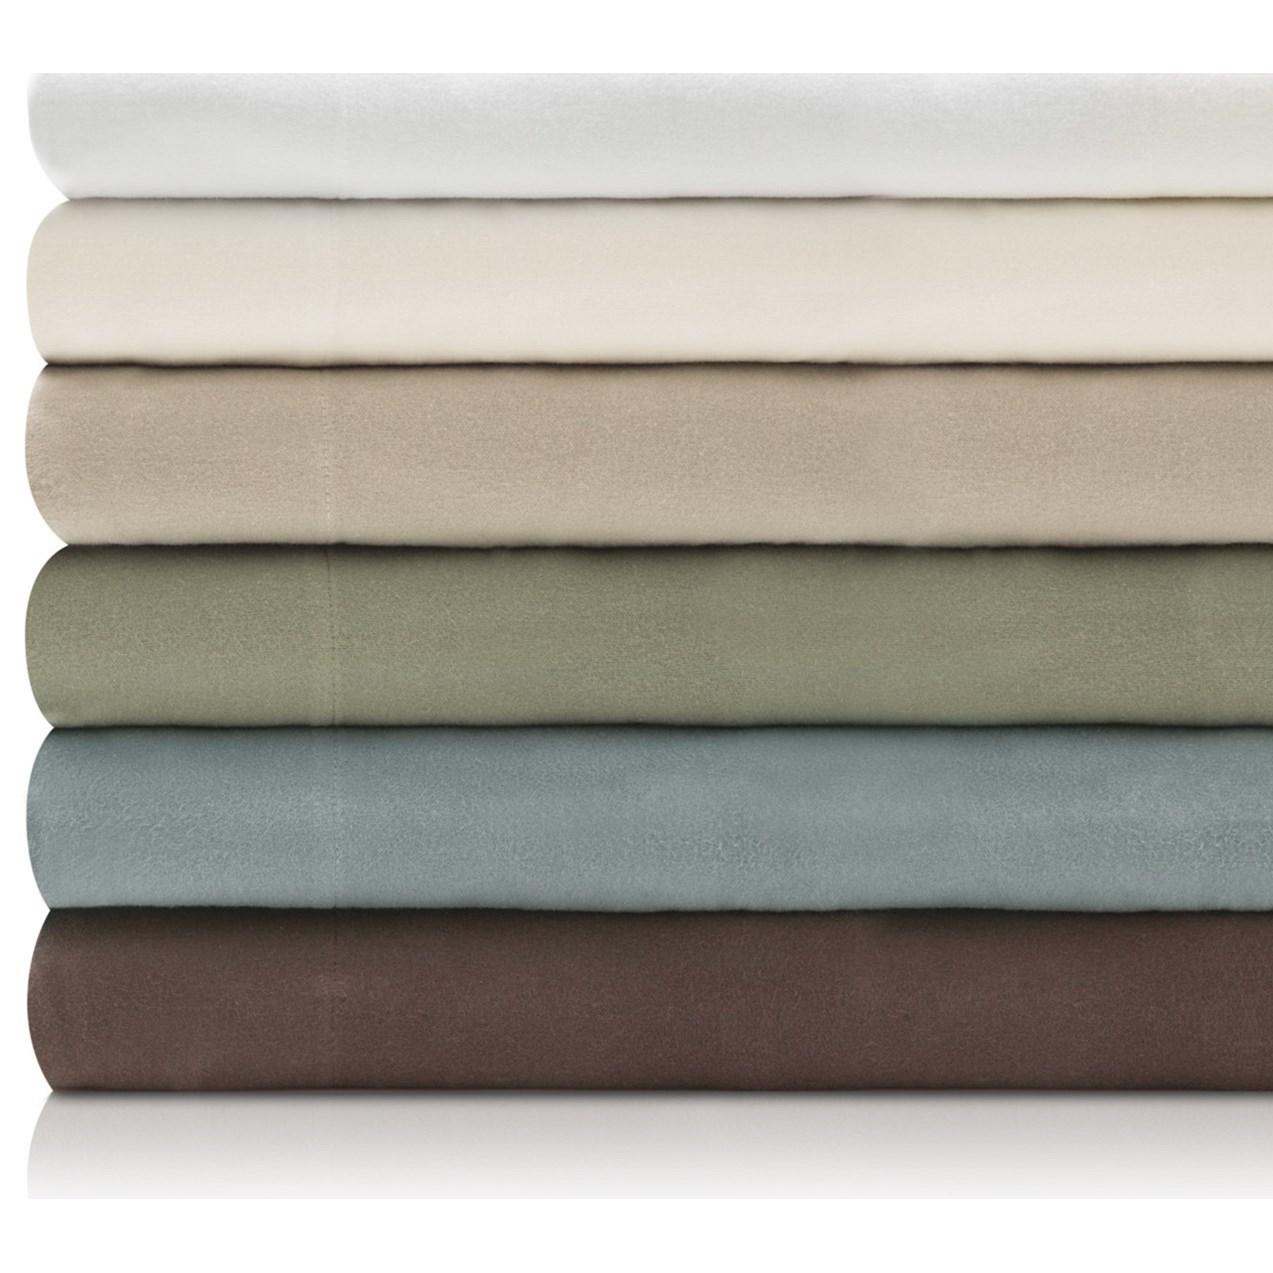 Malouf Portuguese Flannel Standard Woven™ Portuguese Flannel Standard  - Item Number: WO19STPNFC